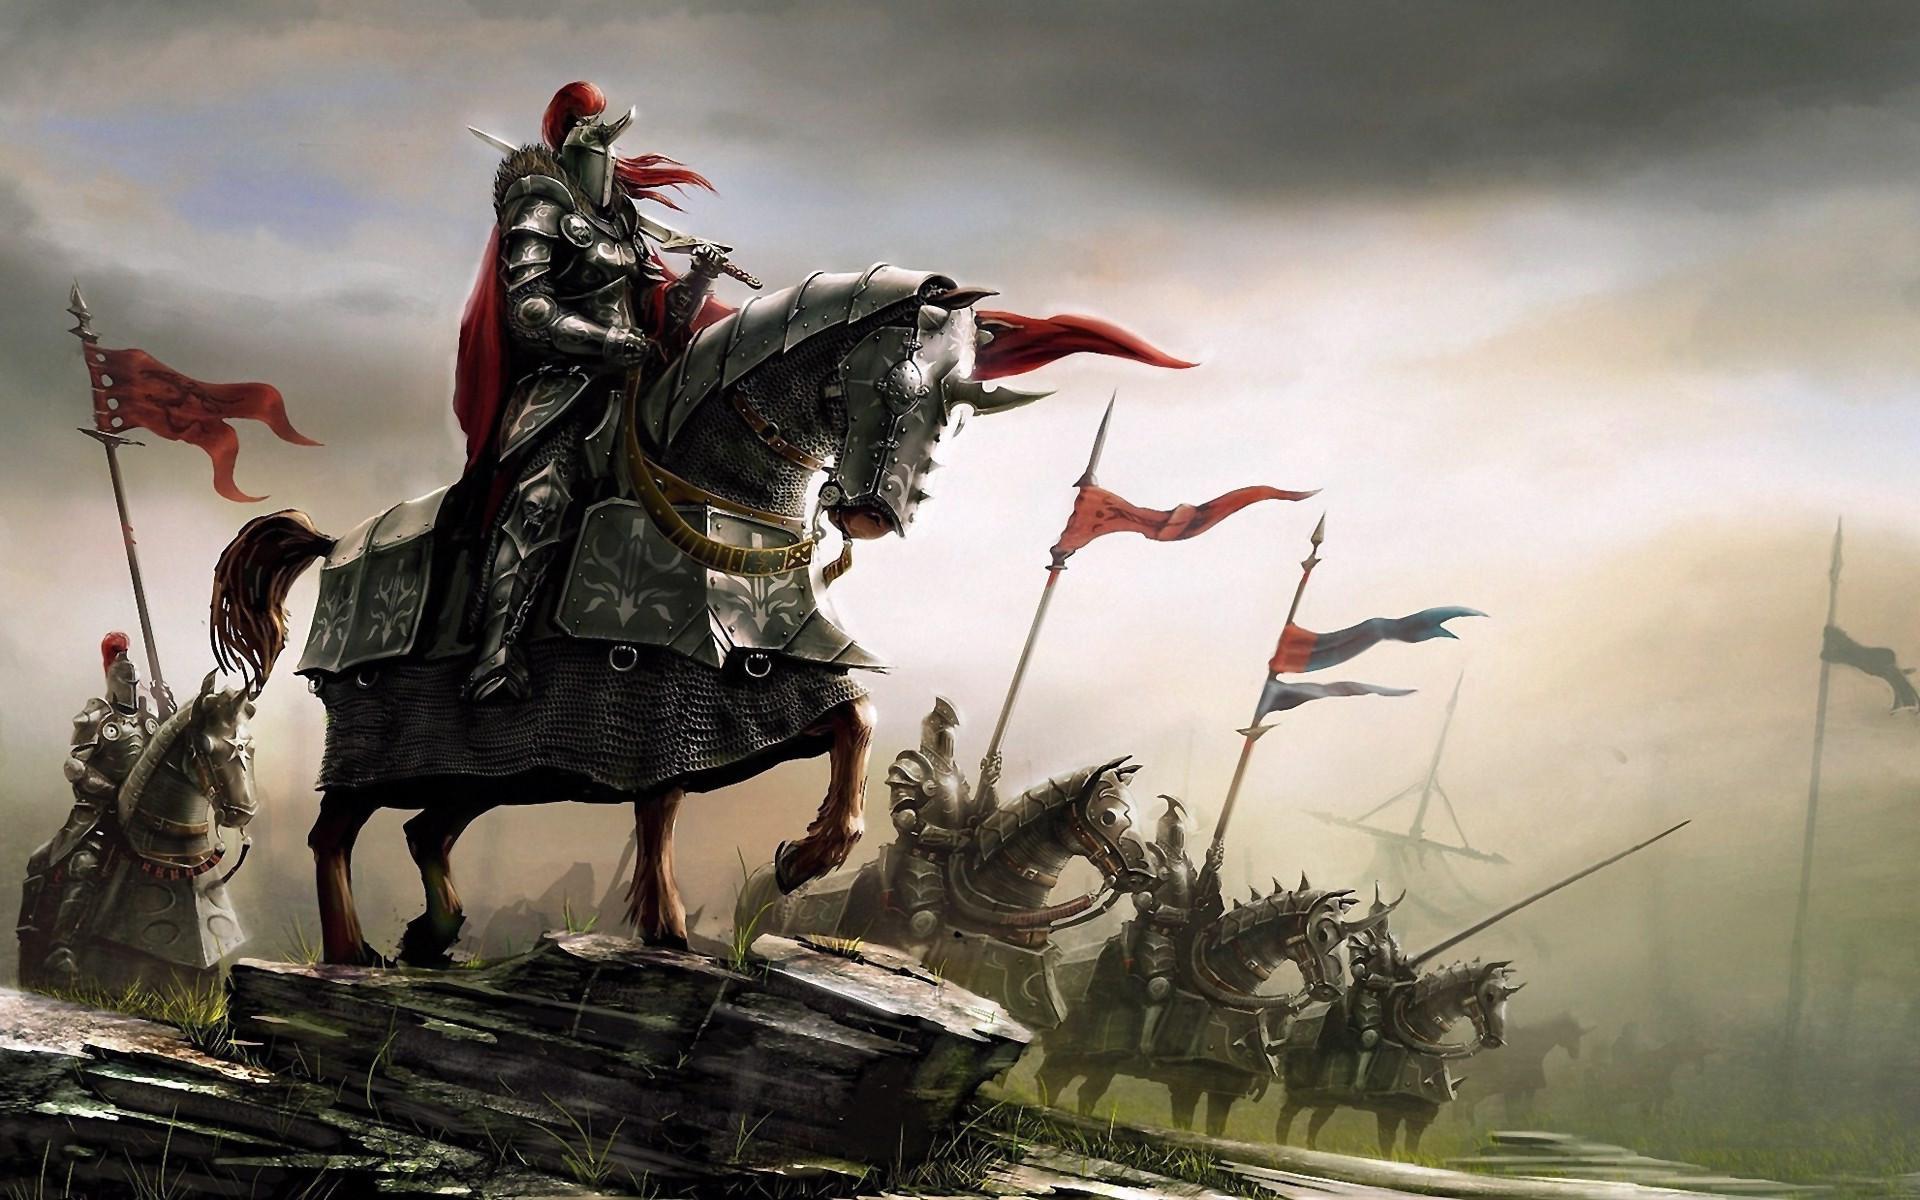 Knights Templar Wallpaper 71 Images